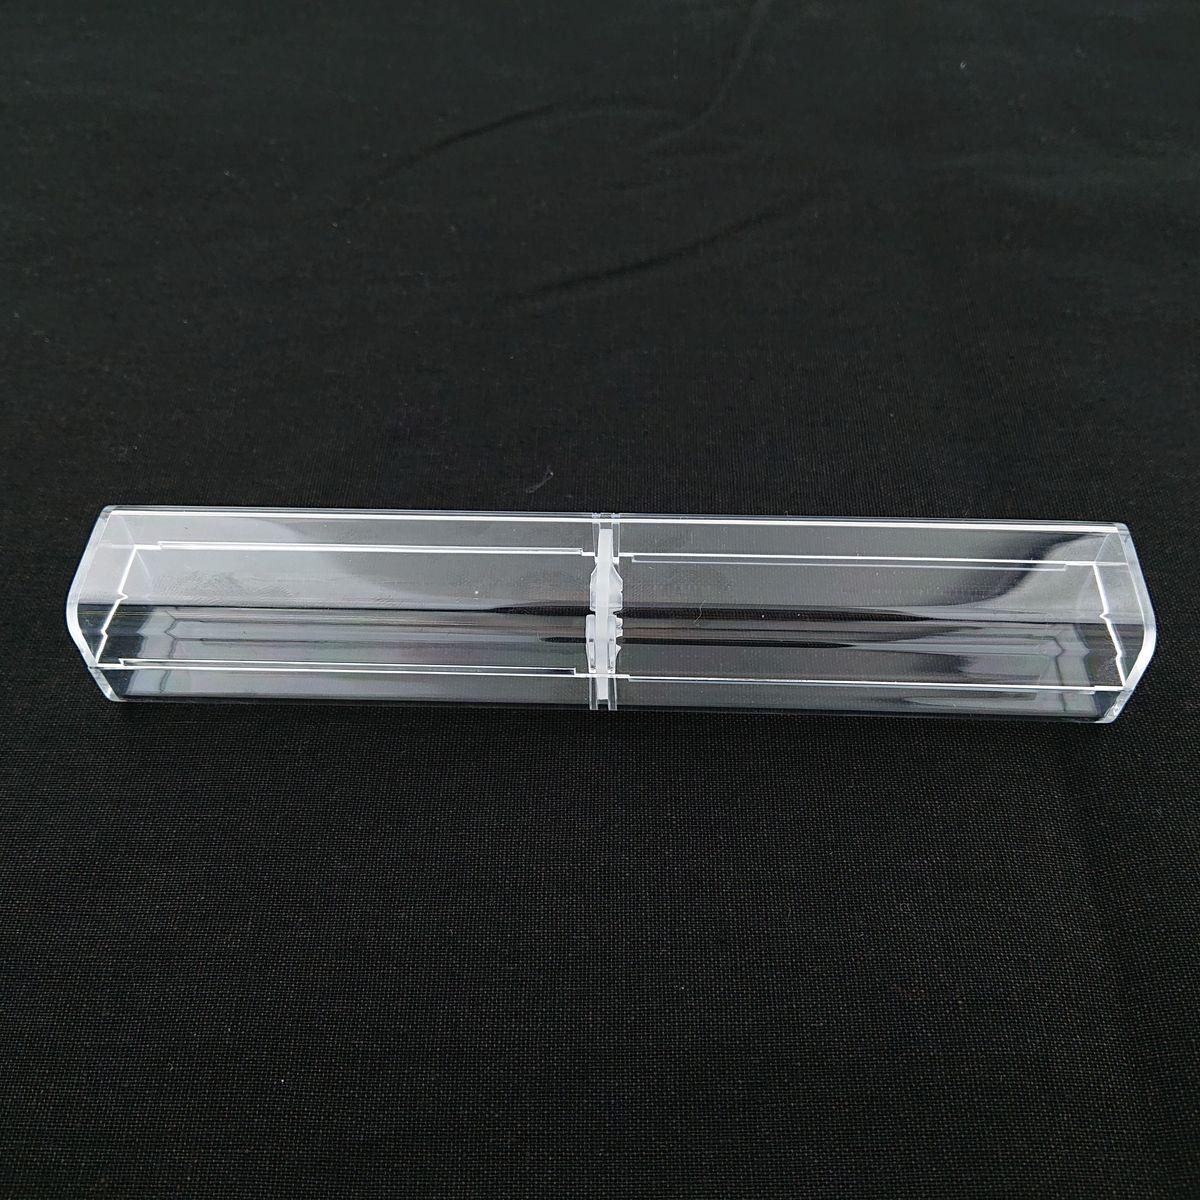 ハーバリウムボールペン専用ケース シンプルなクリアケース ※ボールペンは別売りです。